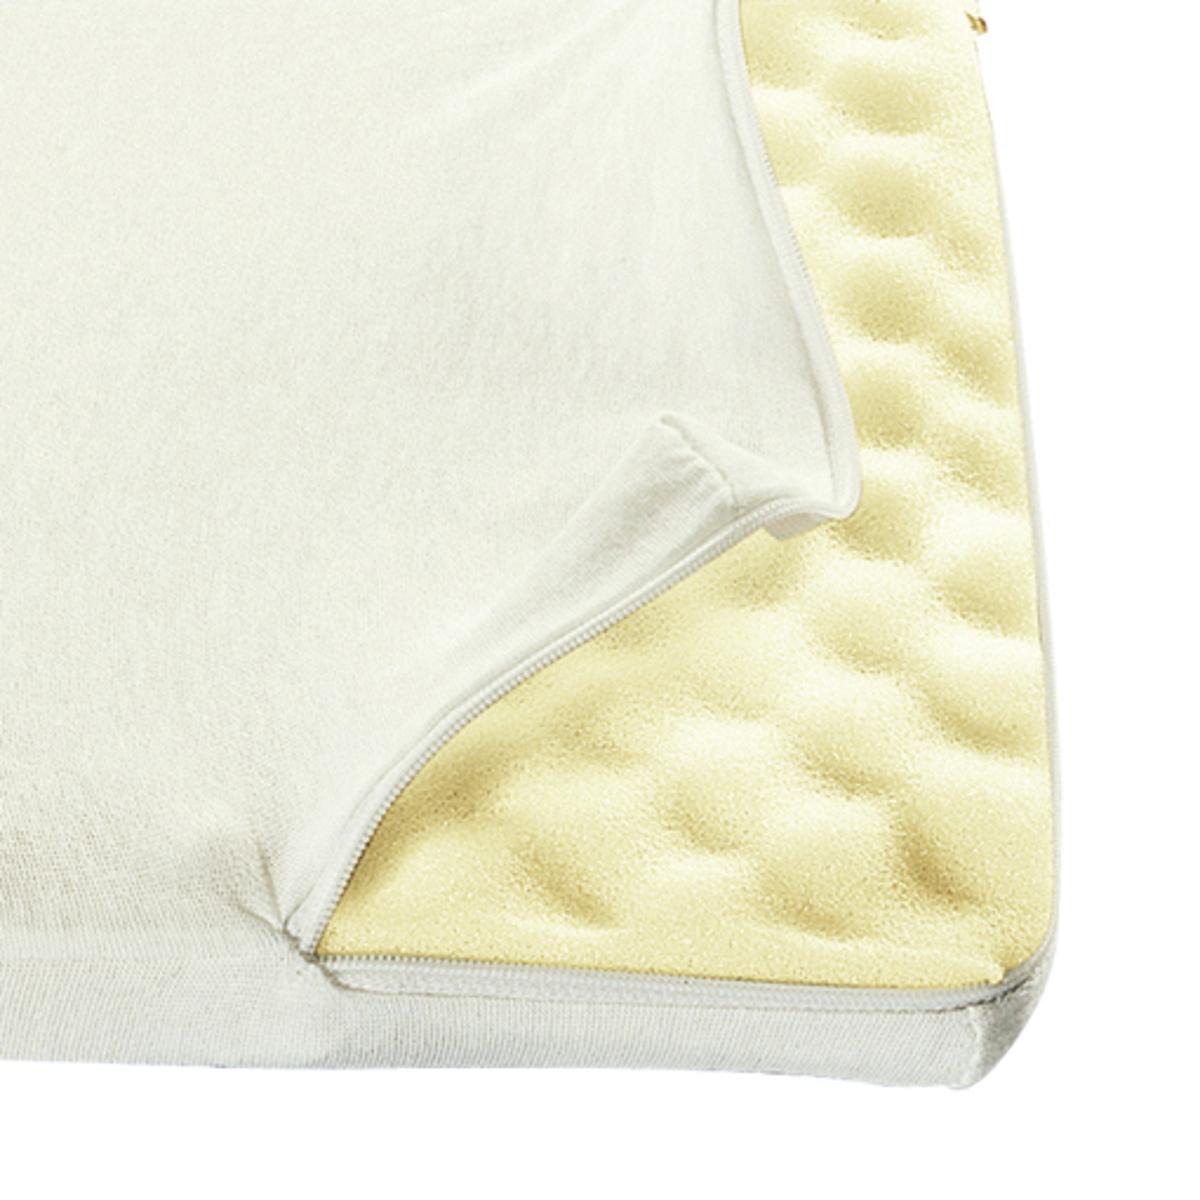 Наматрасник из джерси для верхнего анатомического матрасаОписание :Цельный наматрасник для верхнего матраса.Эластичный джерси, 100% хлопок.Характеристики :Застежка на молнию.Машинная стирка при 60 °С.Разнообразие товаров для сна на сайте laredoute.ru<br><br>Цвет: слоновая кость<br>Размер: 90 x 190 см